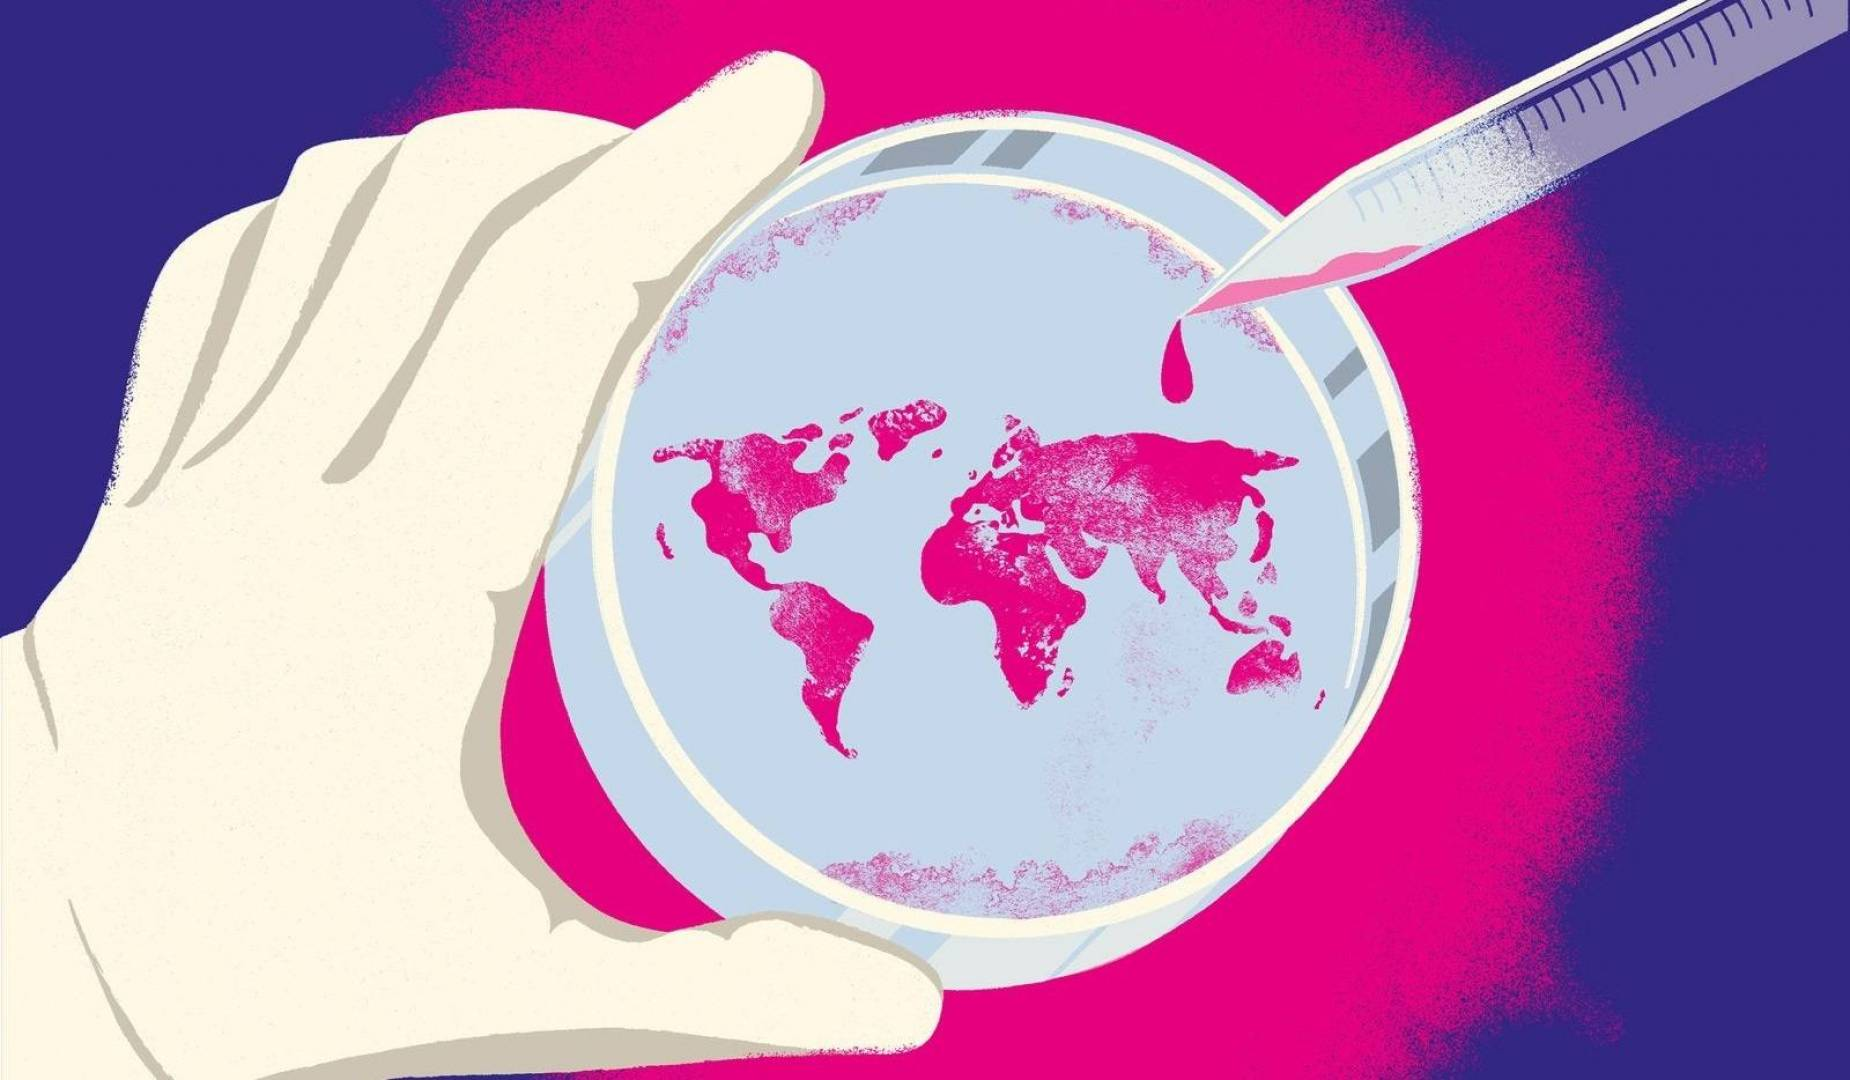 متى يصل العالم إلى «مناعة القطيع»؟.. تقرير جديد يكشف عن التوقيت